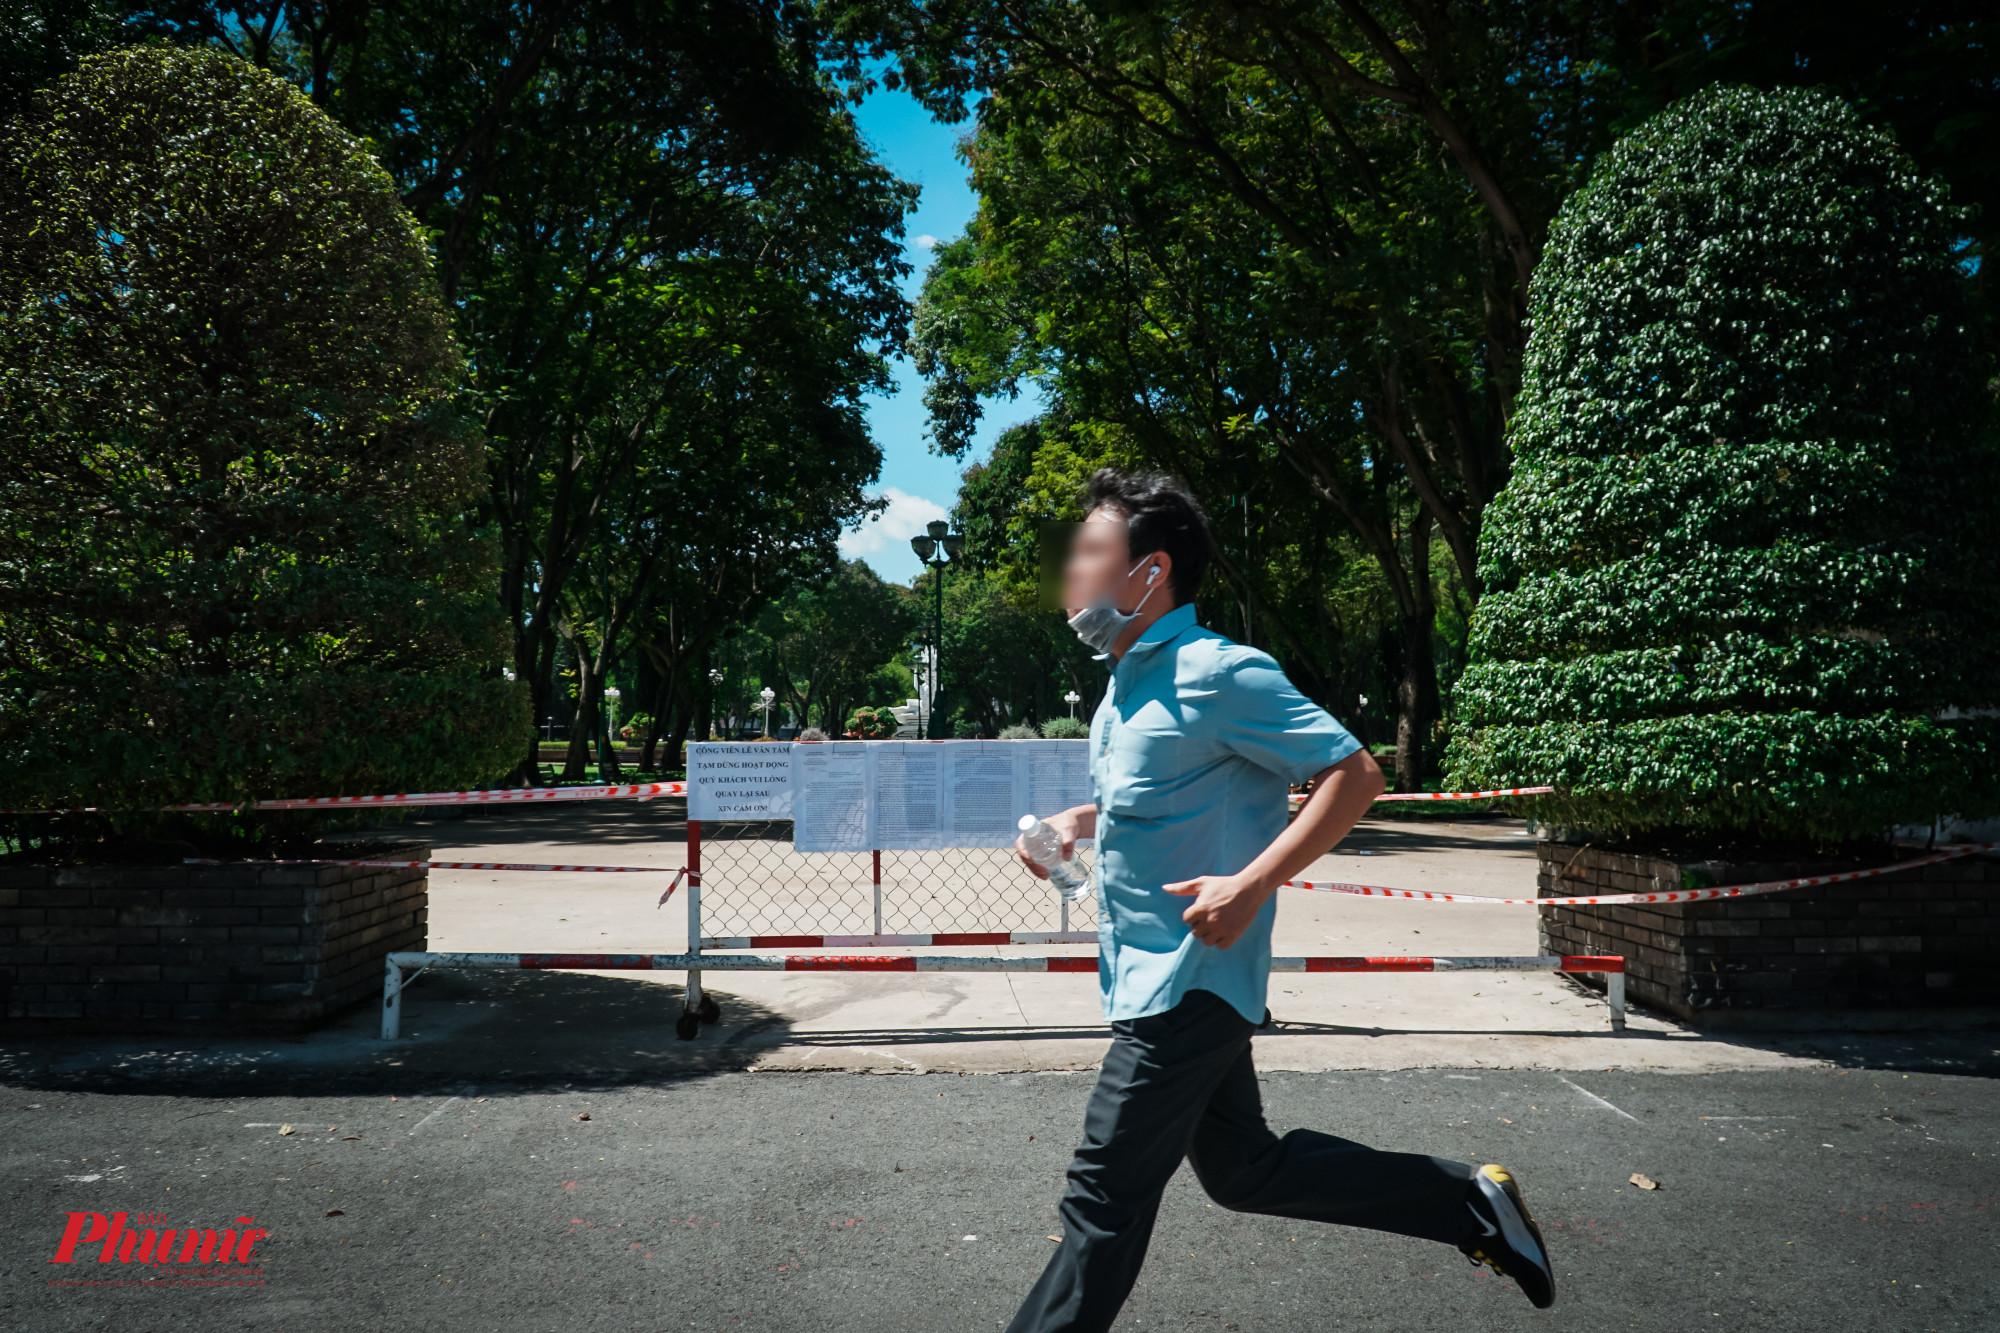 Không vào được công viên, nhiều người chạy bộ bên ngoài công viên. Tuy nhiên, nhiều người bộ đã không đeo khẩu trang